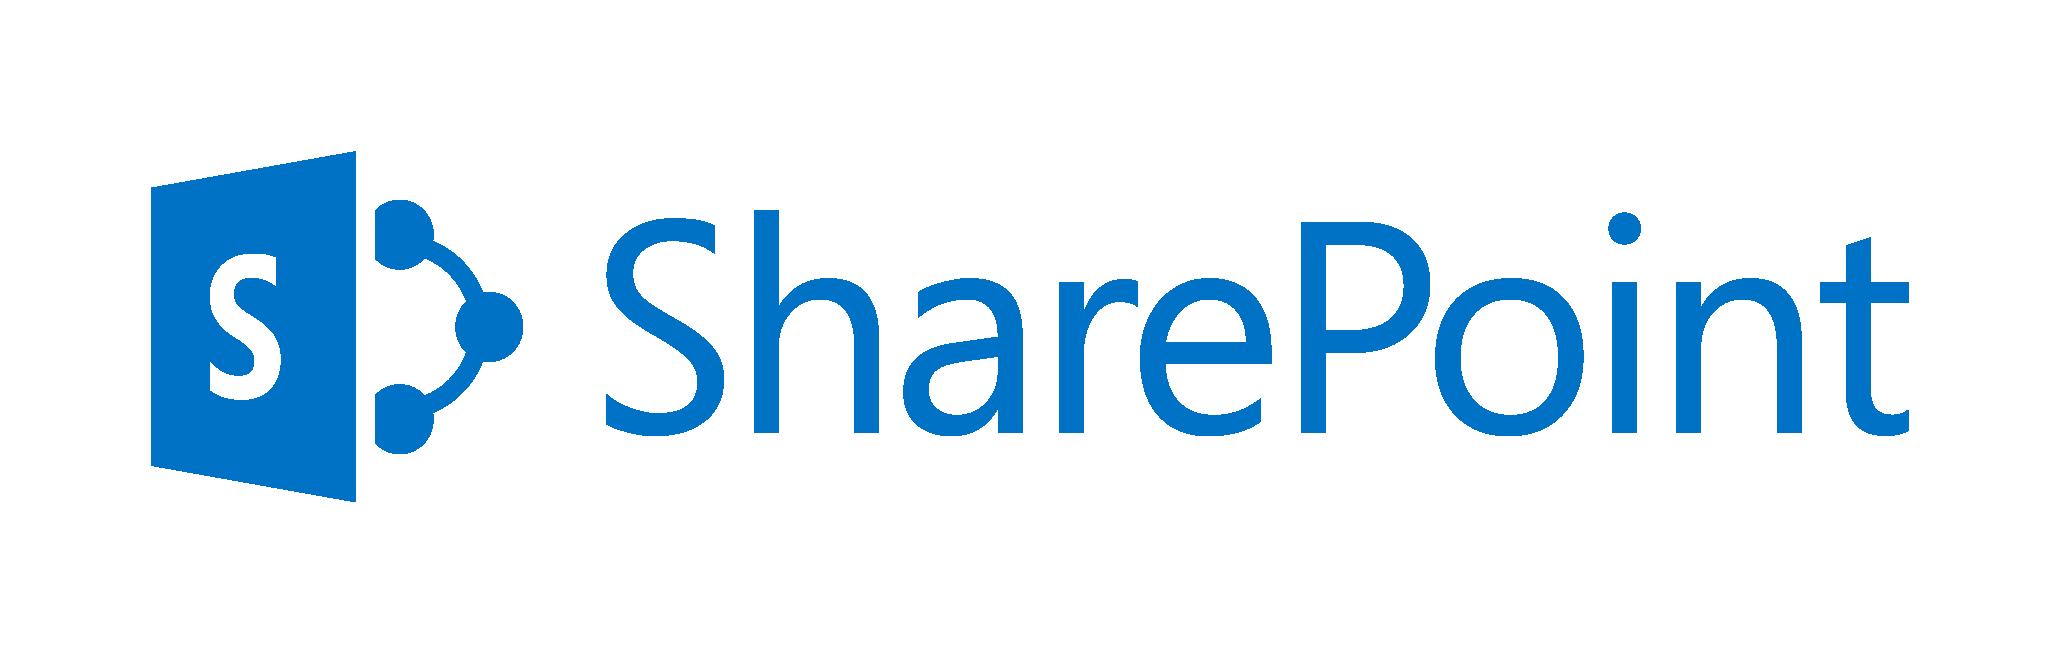 https://mvpcluster.com/wp-content/uploads/2016/03/0001-SP-2013-Logo.png